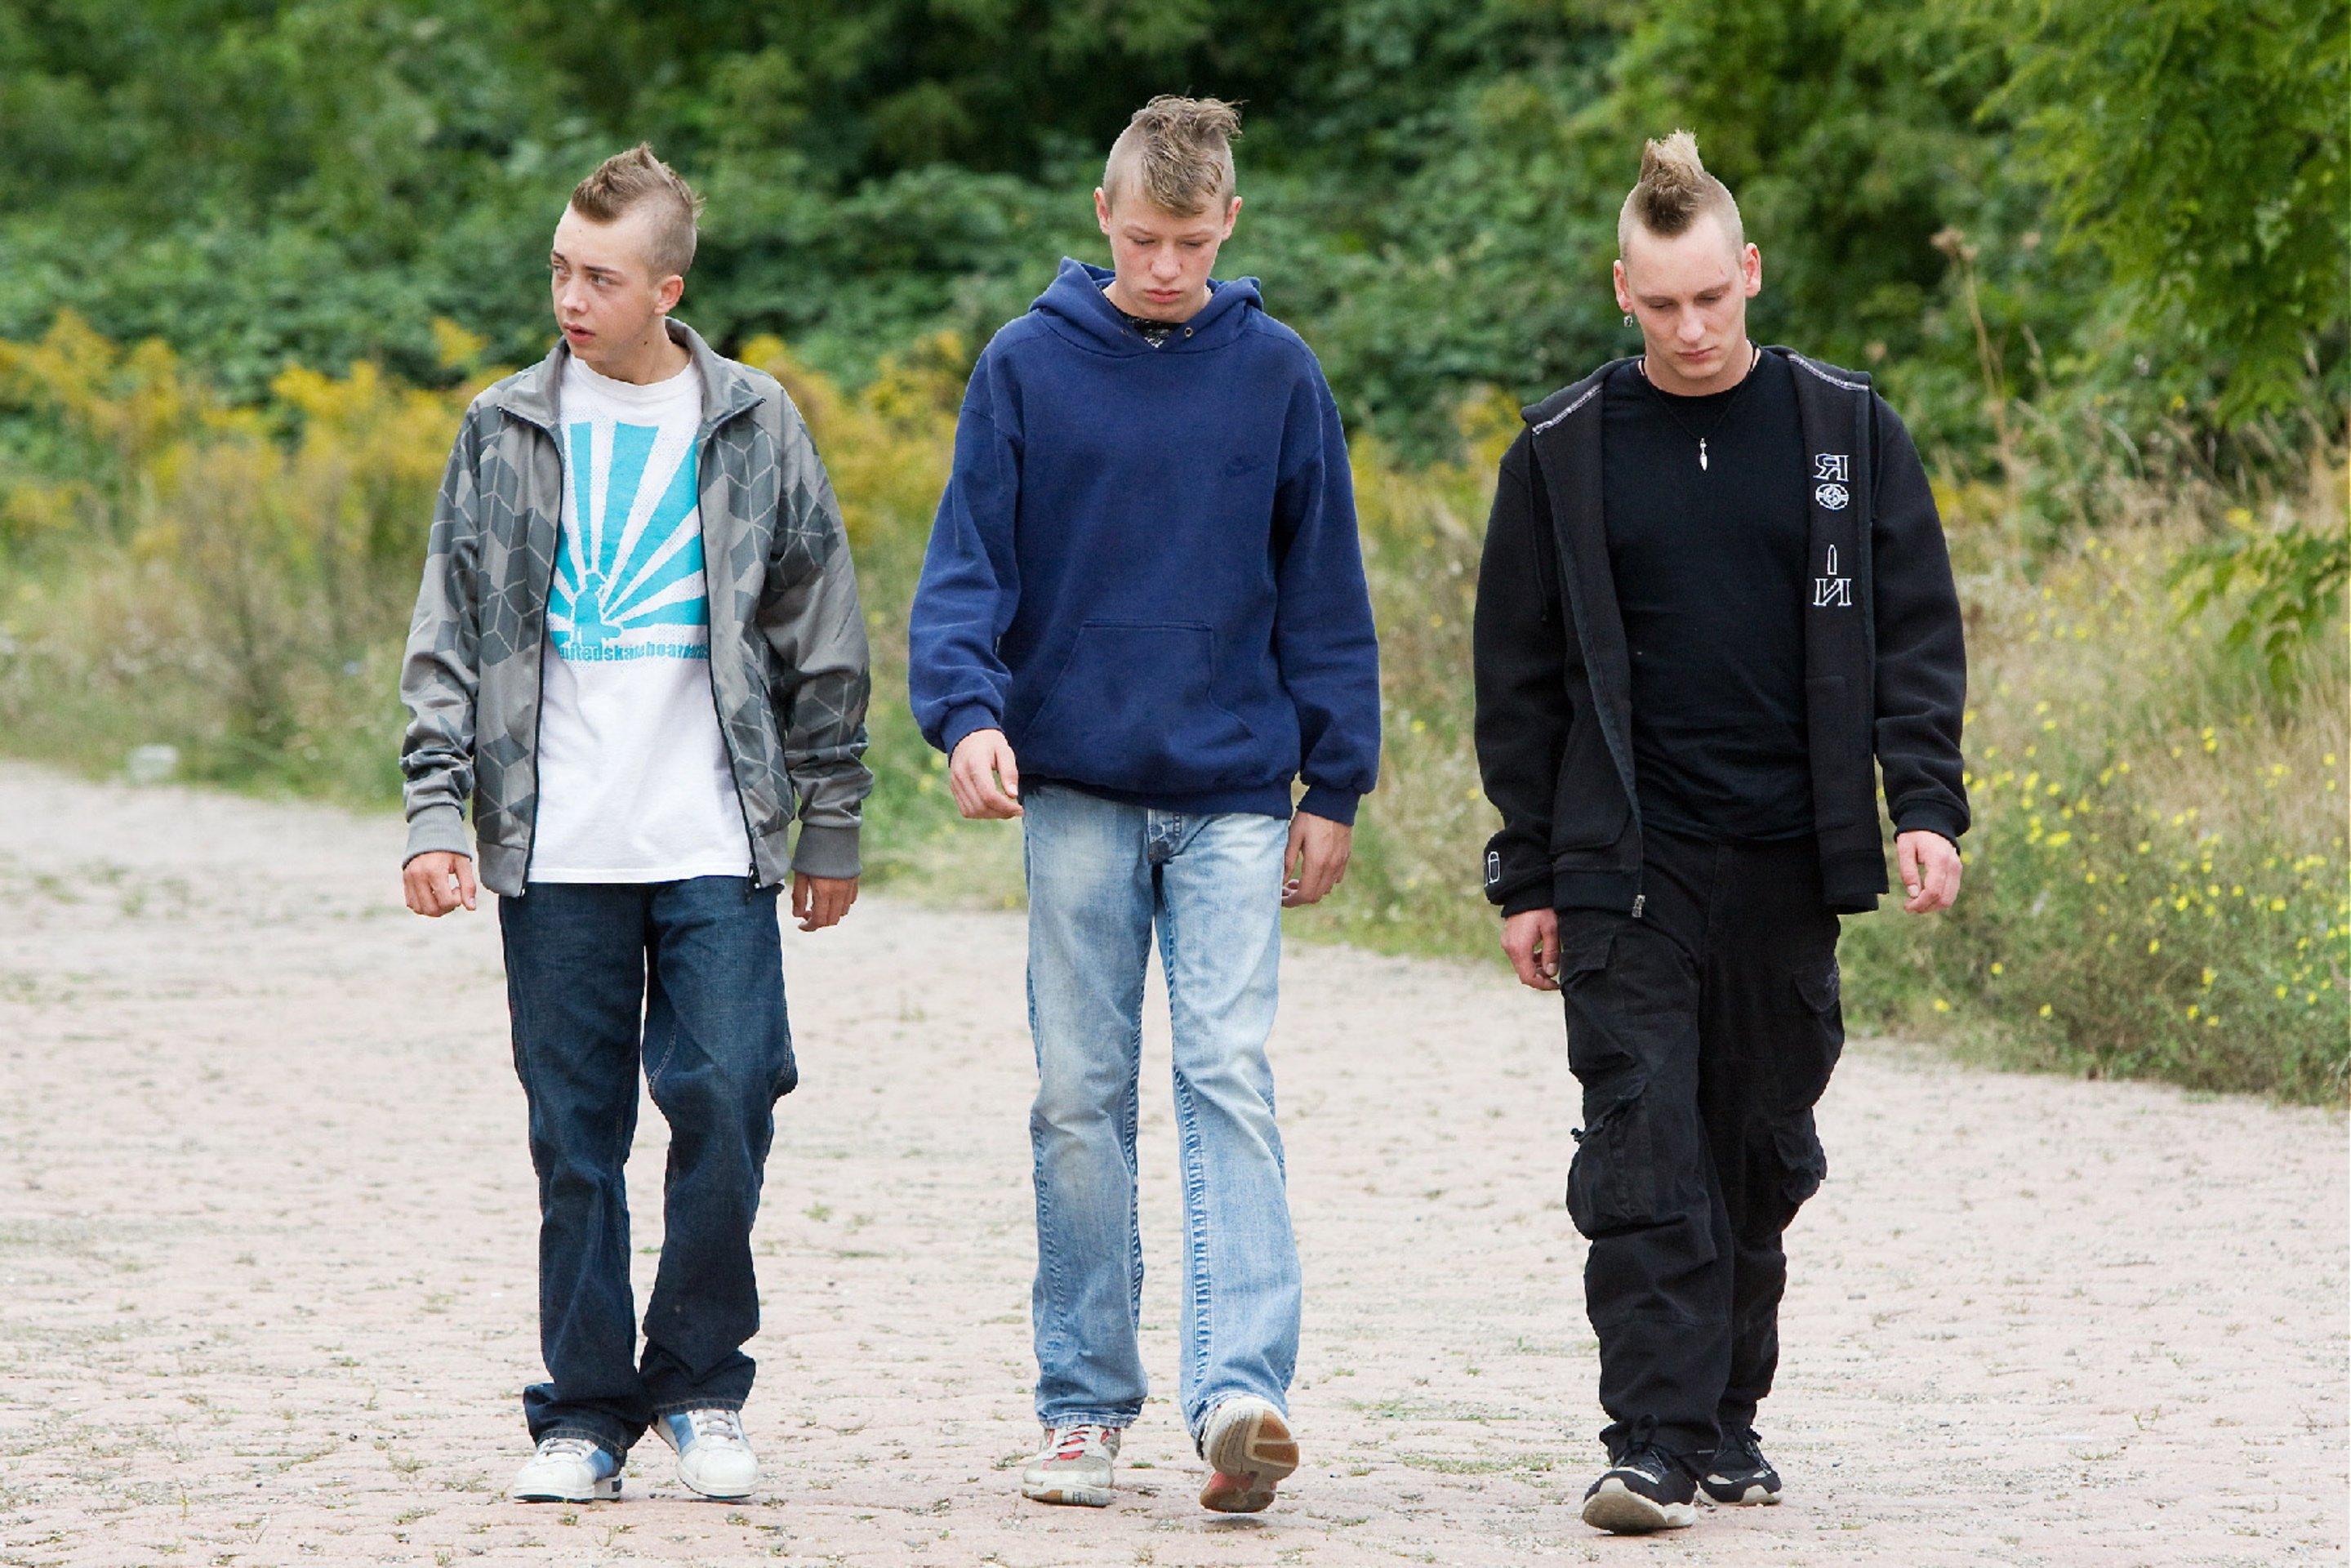 Christian Blümel, Willi Gerk, and Vincent Krüger in Wenn die Welt uns gehört (2009)